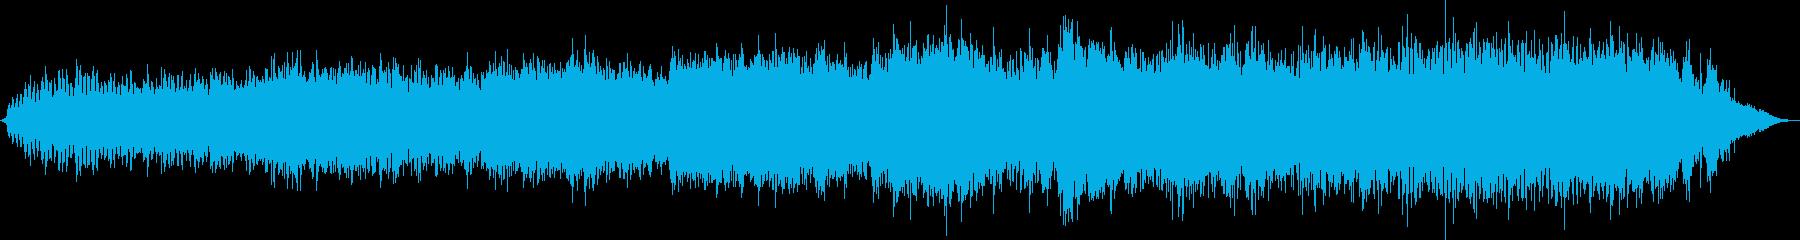 古代や異国を感じさせる電子音楽の再生済みの波形